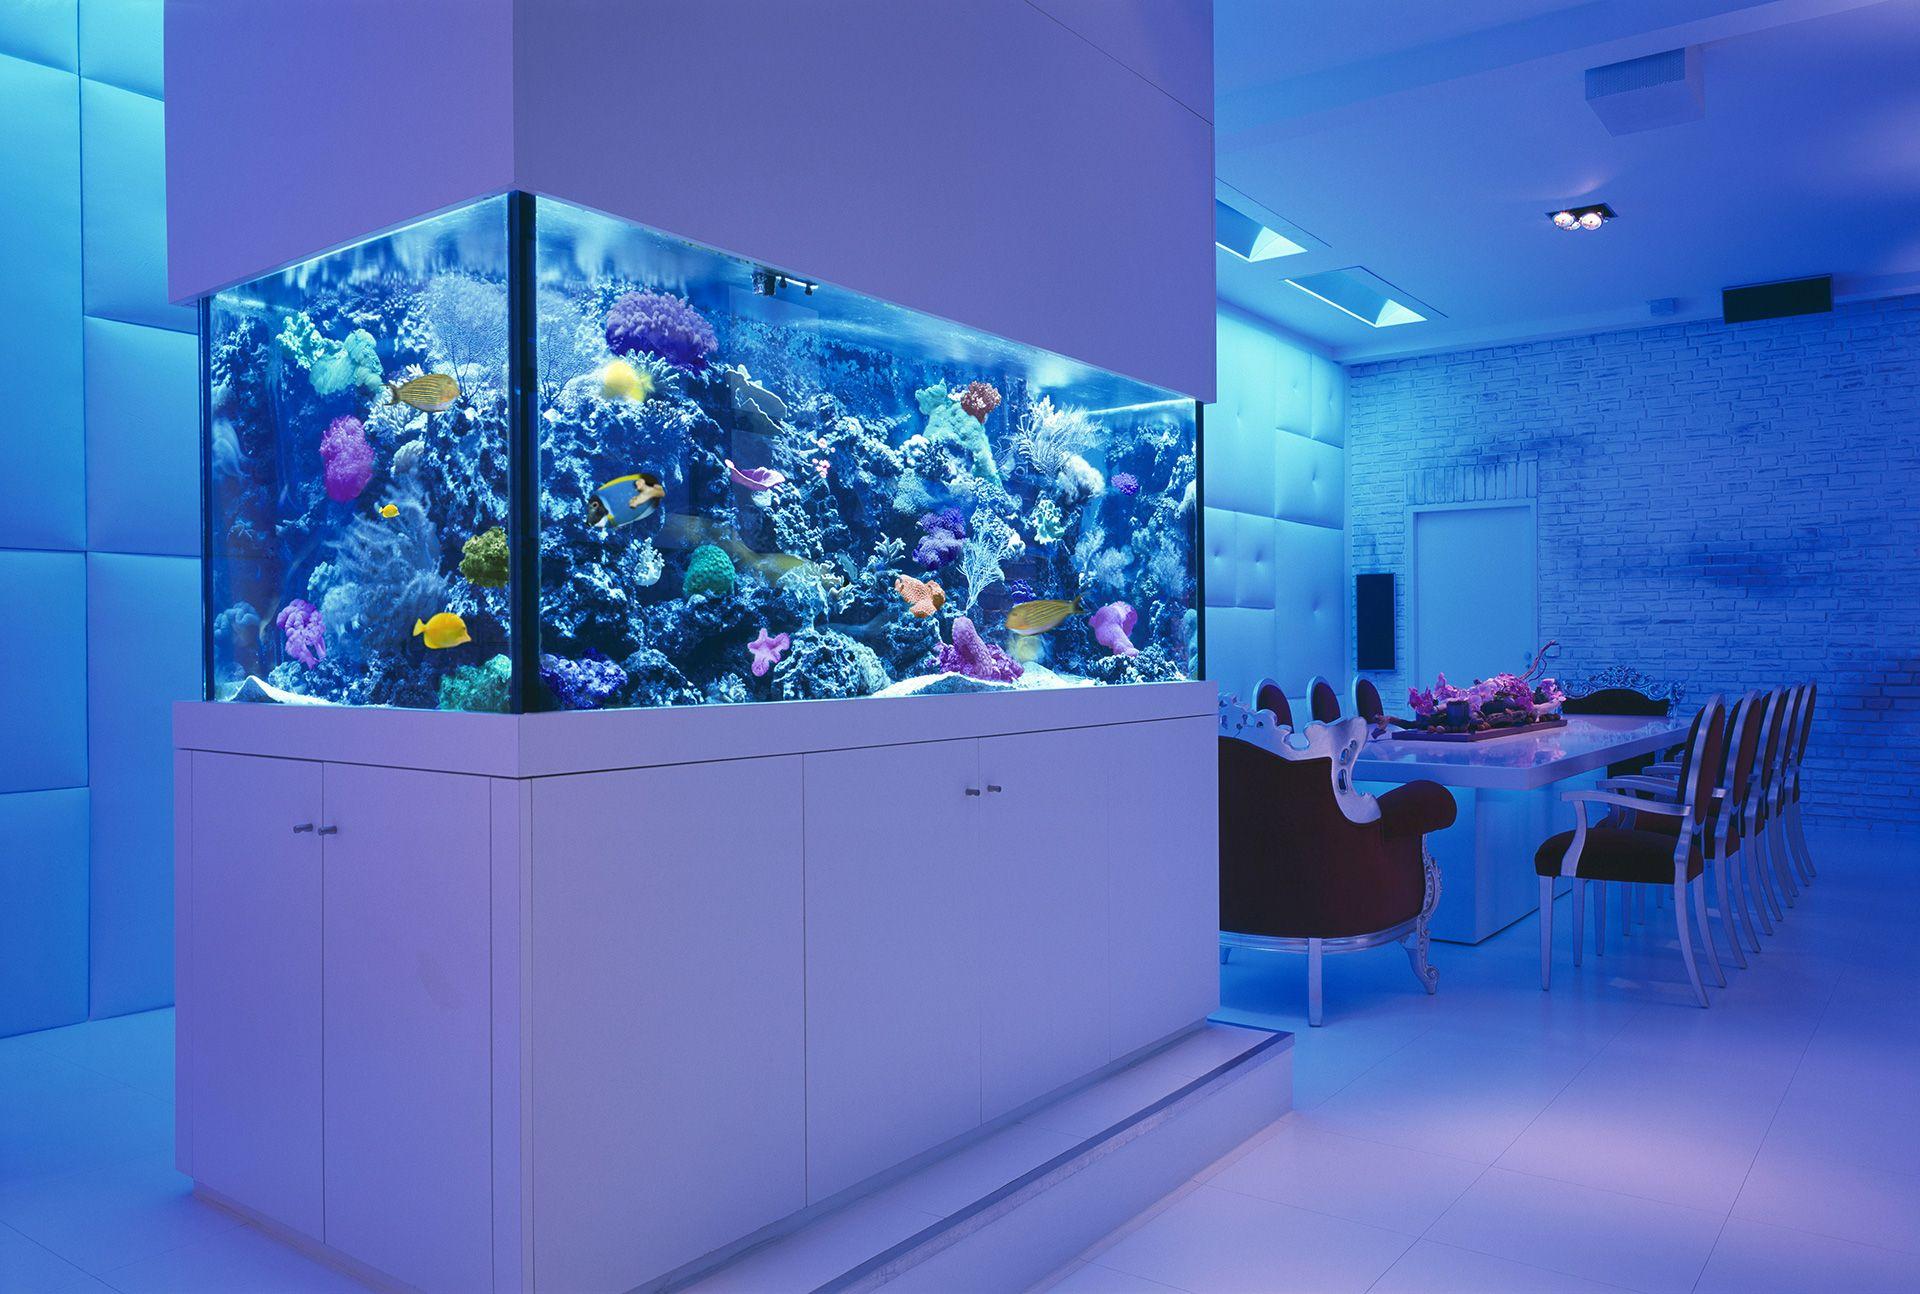 Best Coral Reef Aquariums For Homes  Offices Germany Aquarium - Home aquarium design